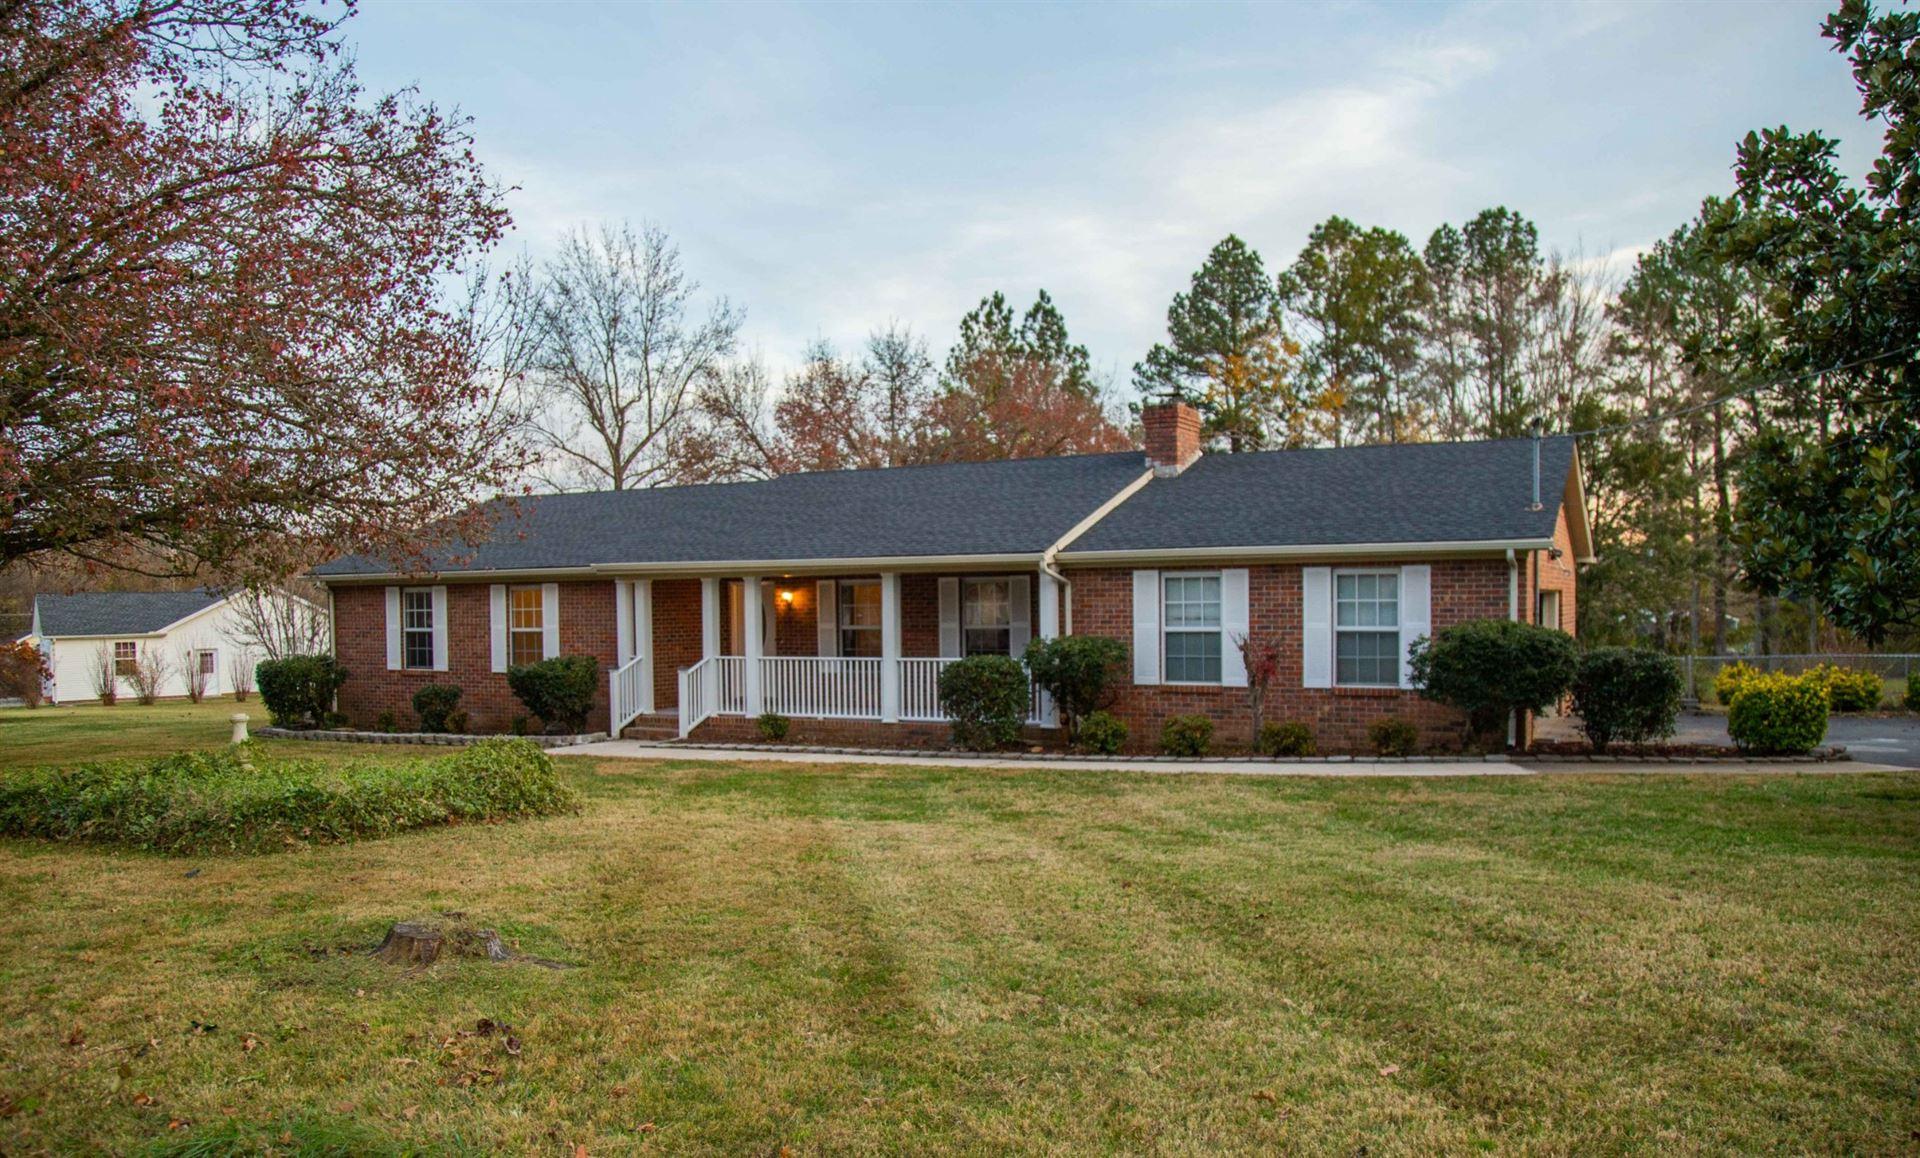 103 Hilltop Dr, Shelbyville, TN 37160 - MLS#: 2209895